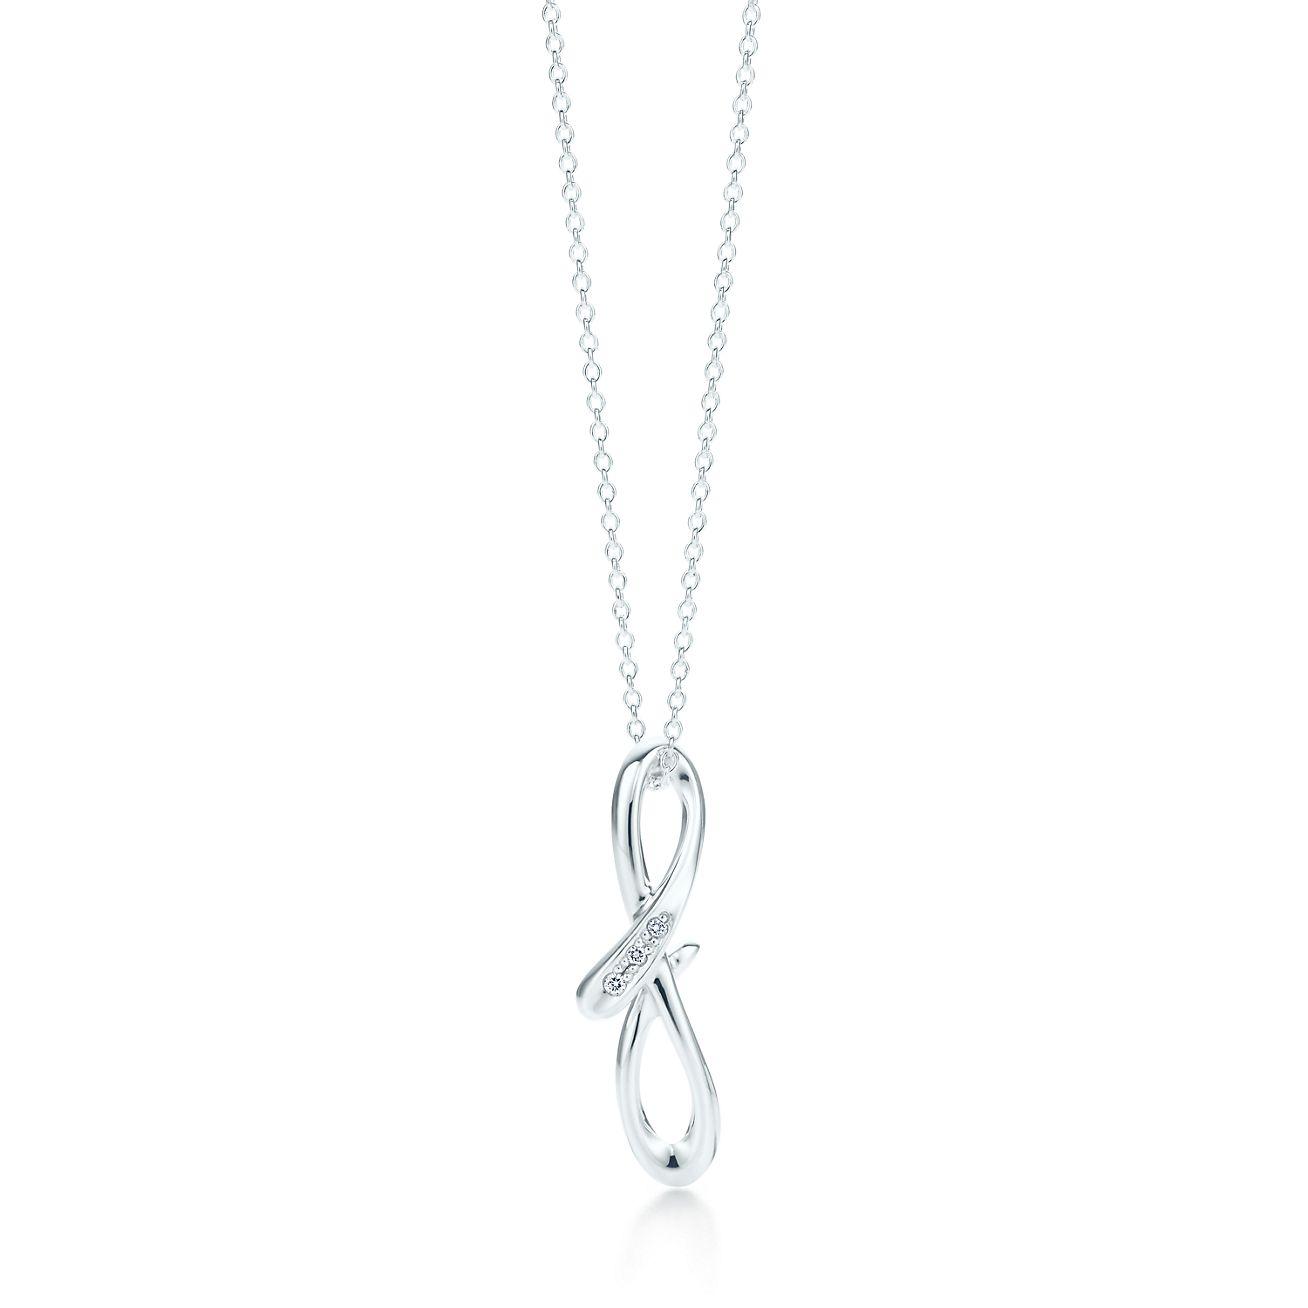 Elsa Pendentif Peretti Alphabet En Argent Avec Des Lettres De Diamants Az Disponible - Taille F Tiffany & Co. 4c3H6io